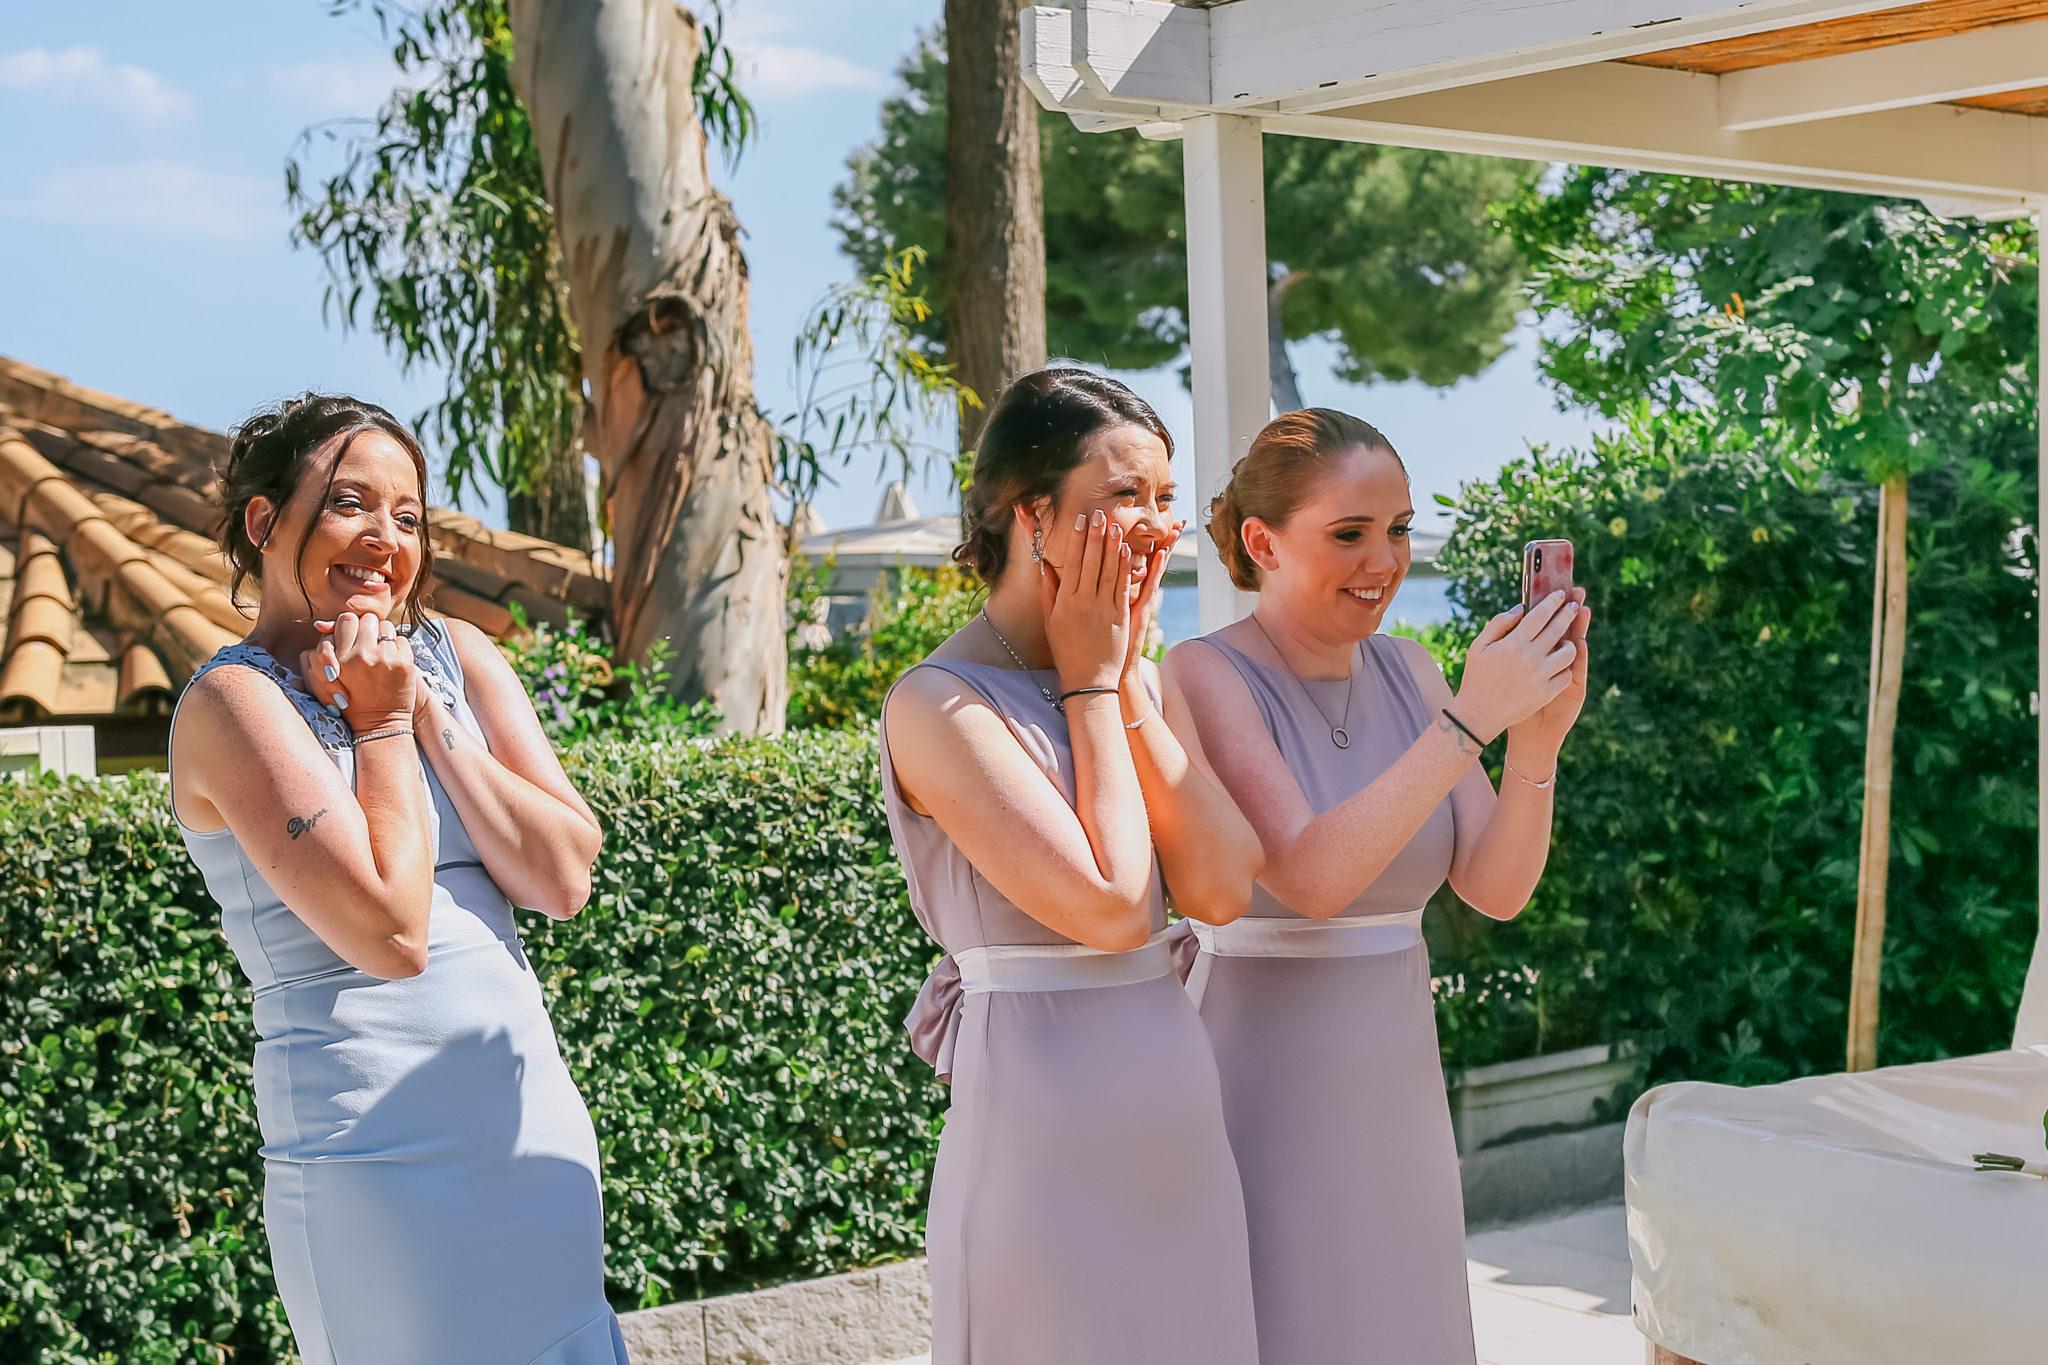 027-2019-04-27-Wedding-Michelle-e-Callum-35mm-059